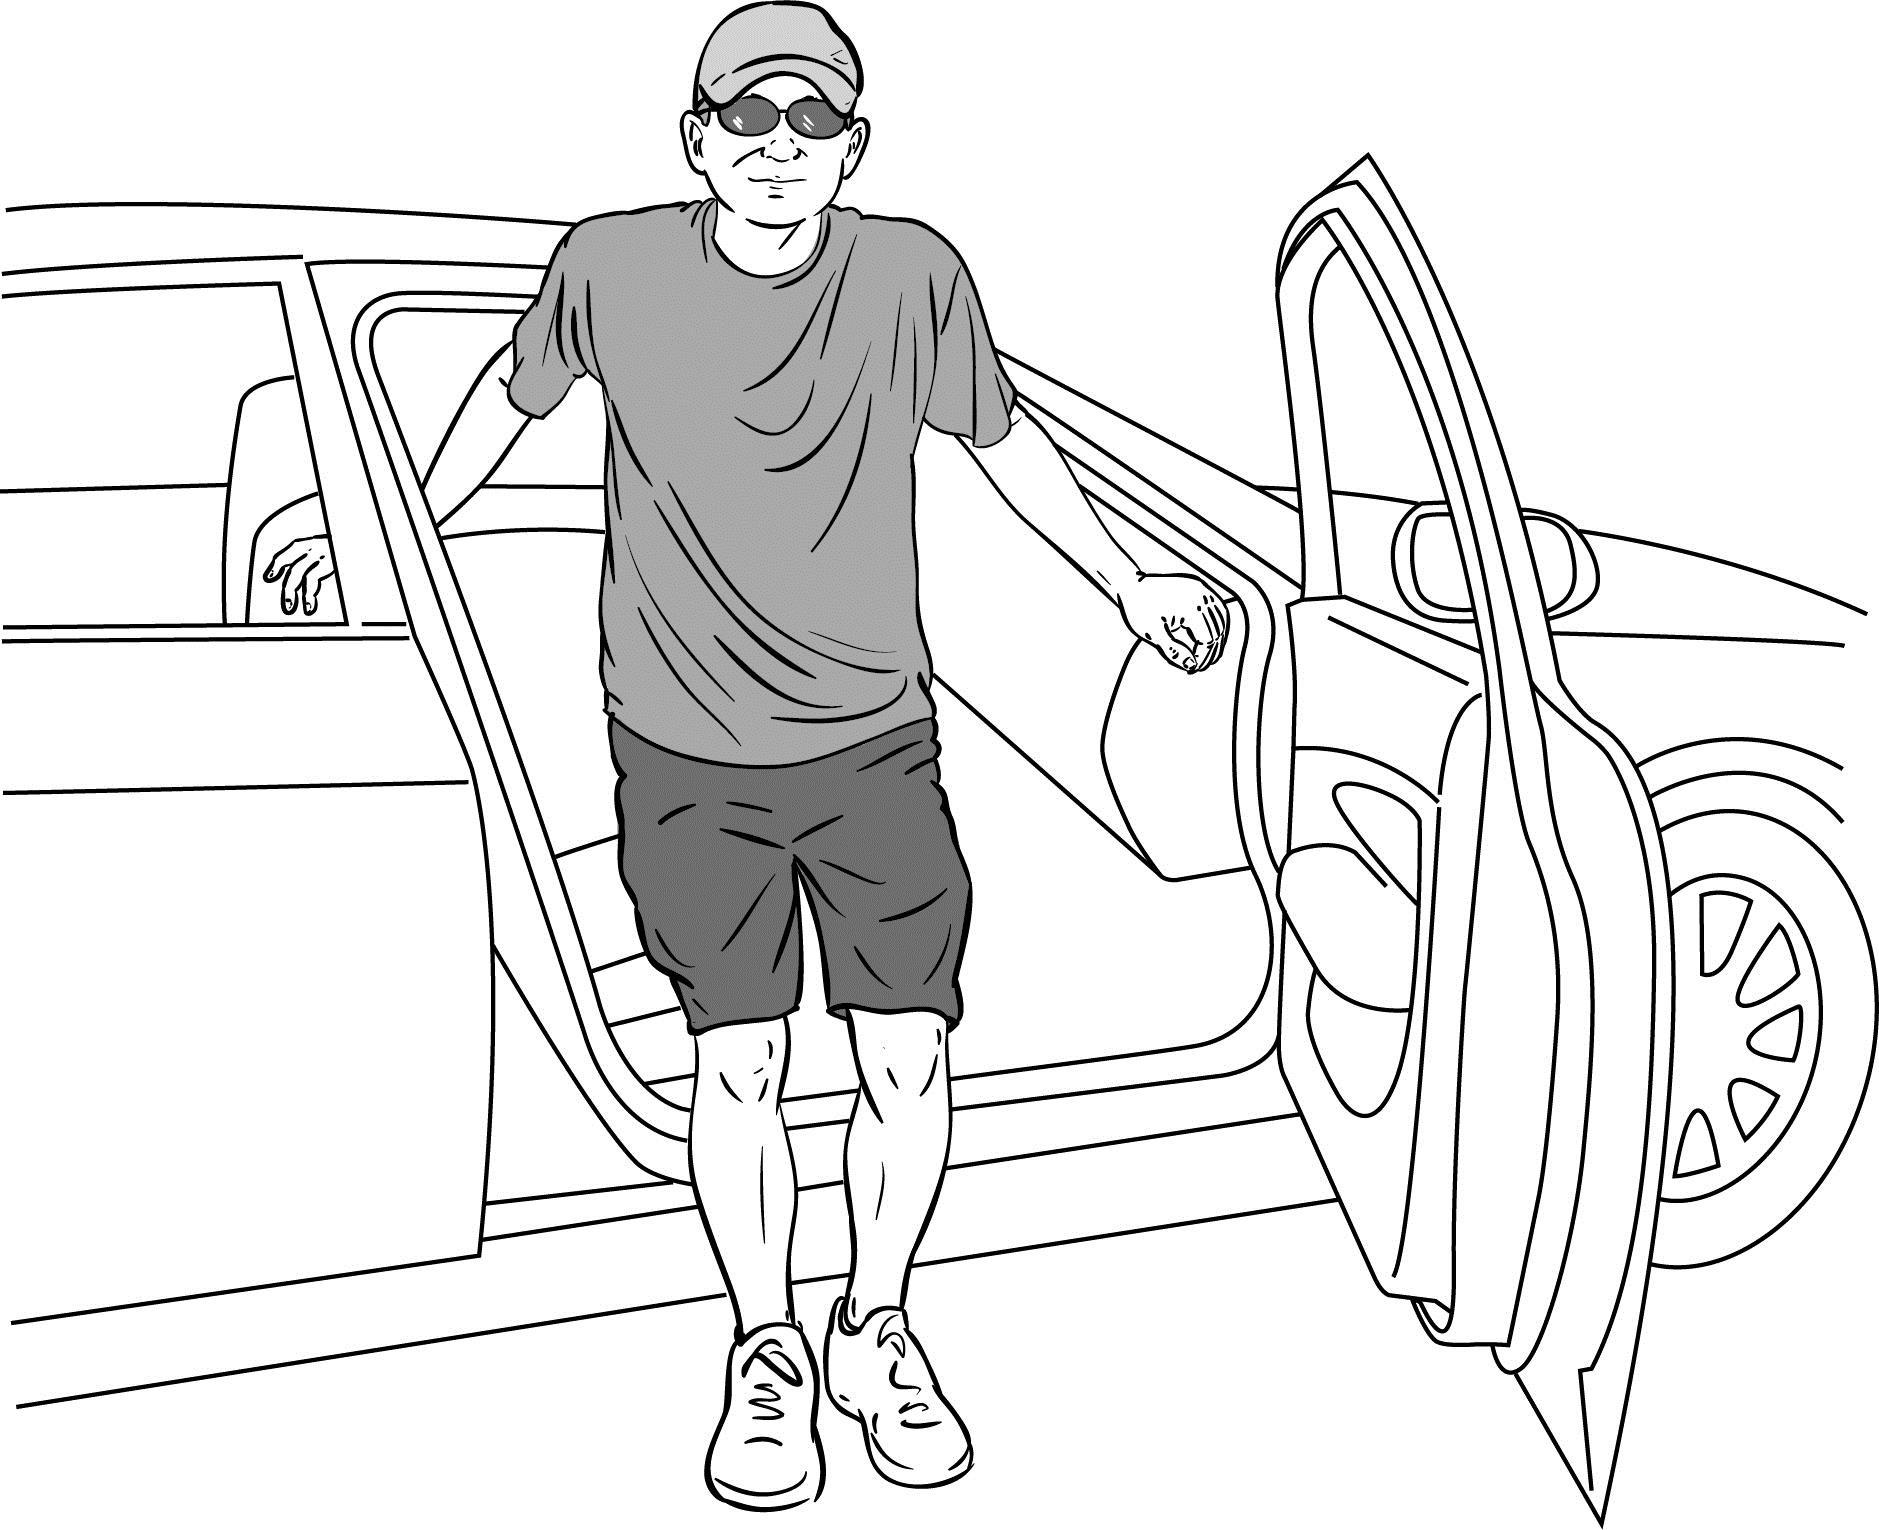 Είσοδος έξοδος σε αυτοκίνητο μετά αρθροπλαστική